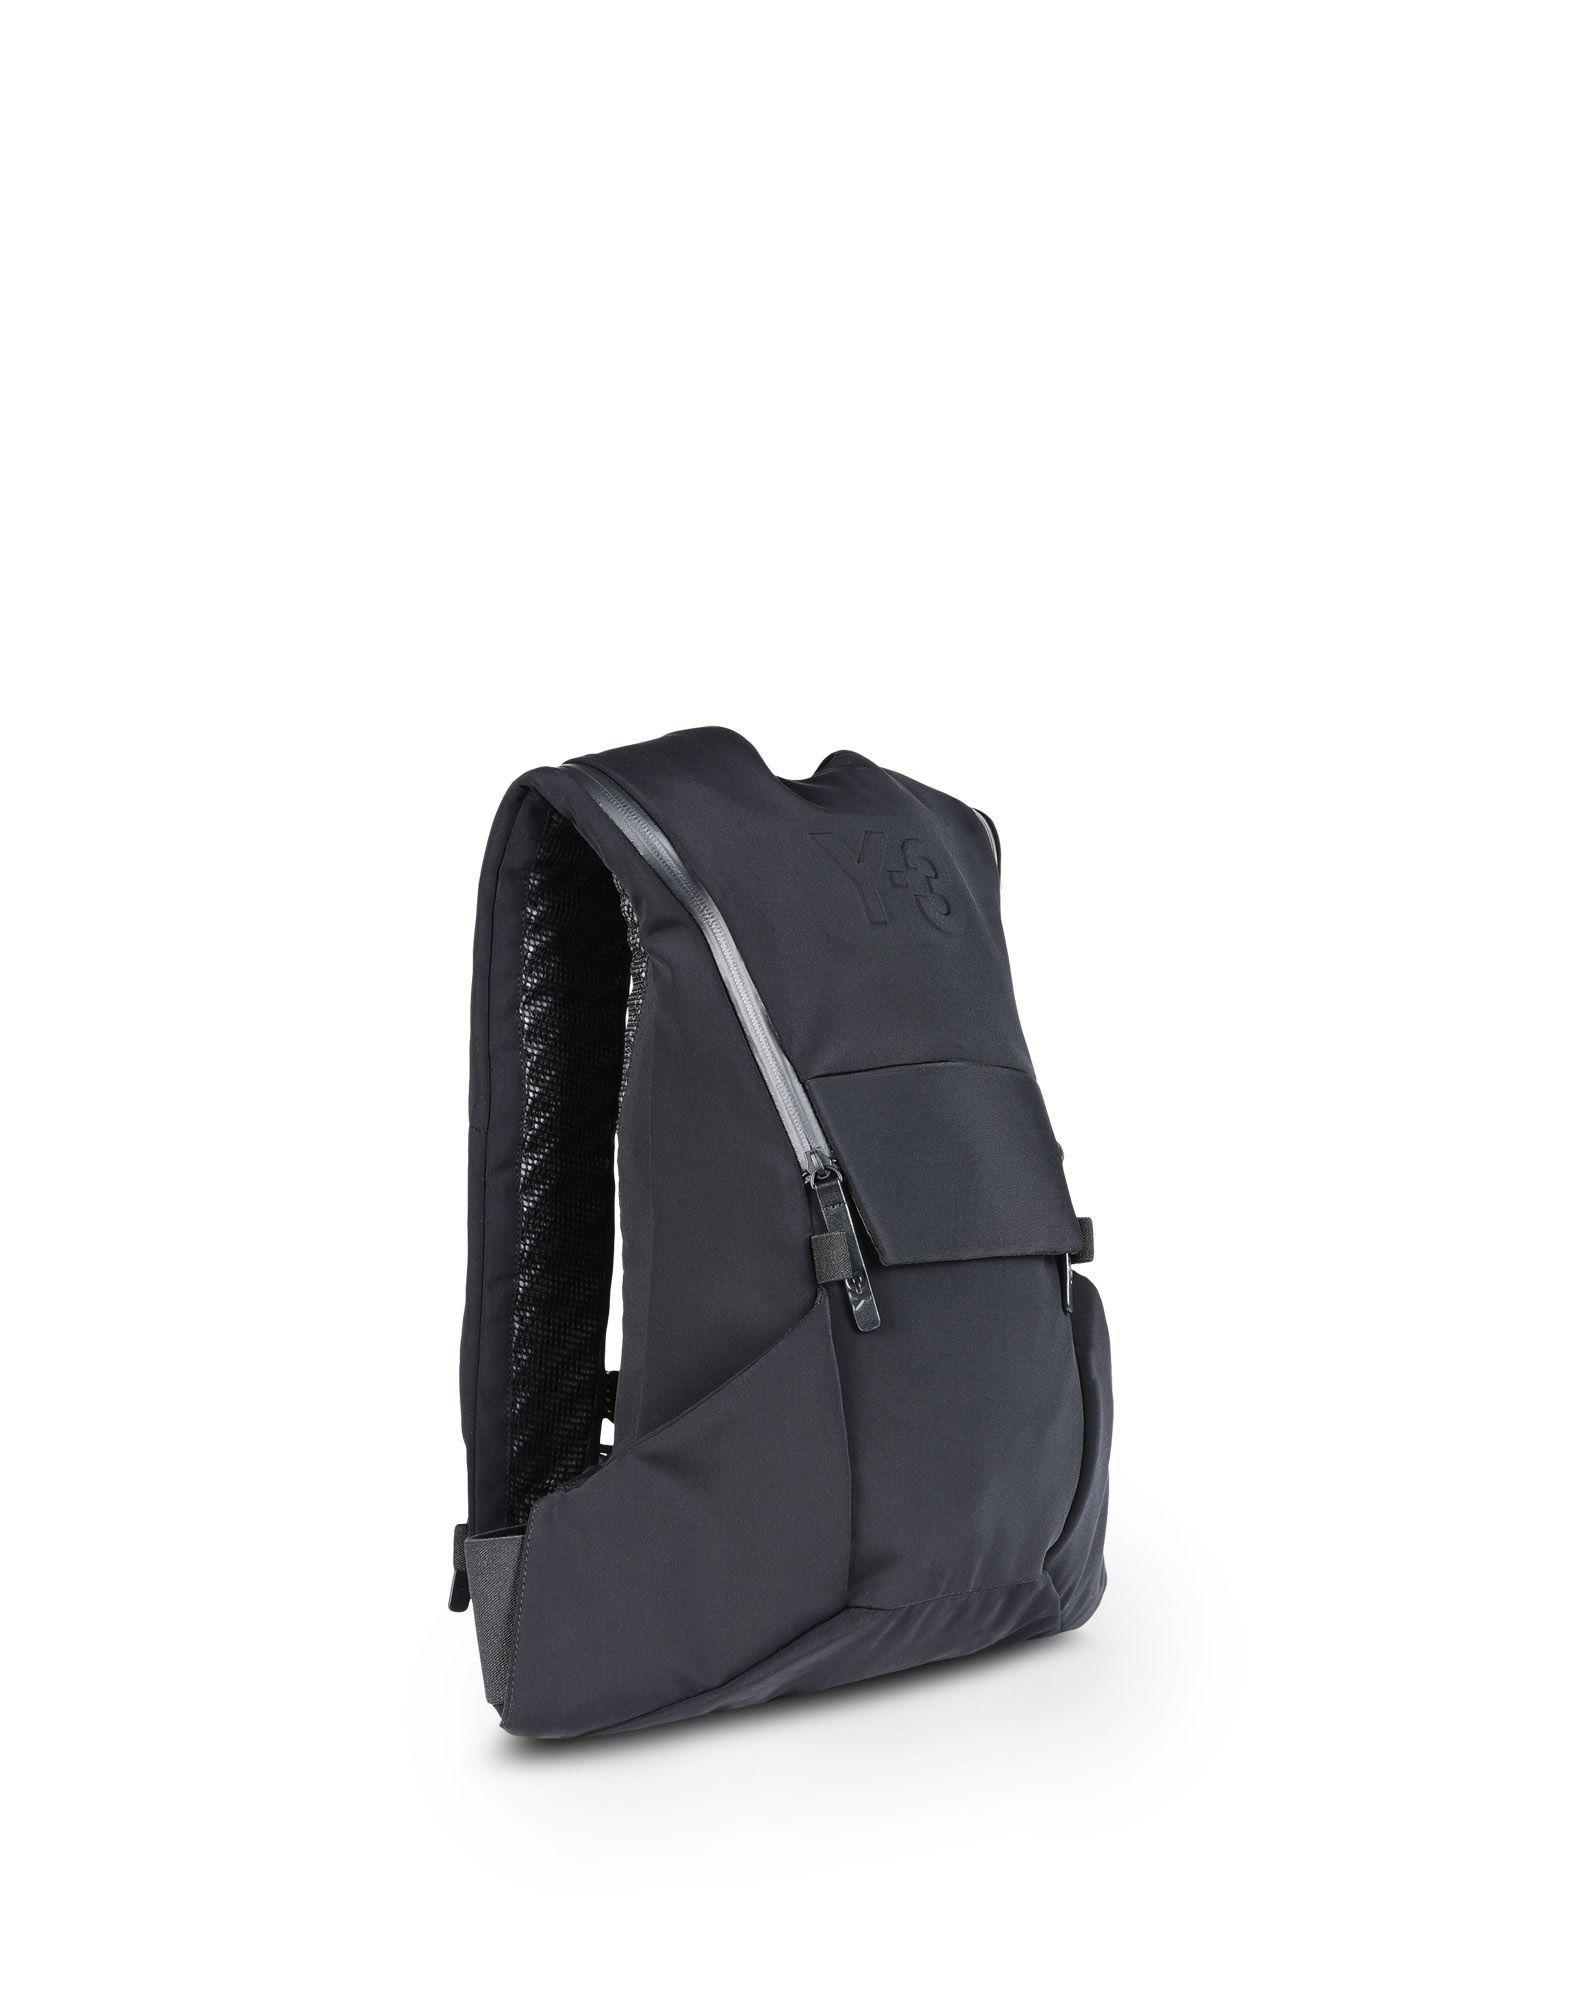 718acf54f93d Y-3 ULTRA RUN BACKPACK BAGS unisex Y-3 adidas